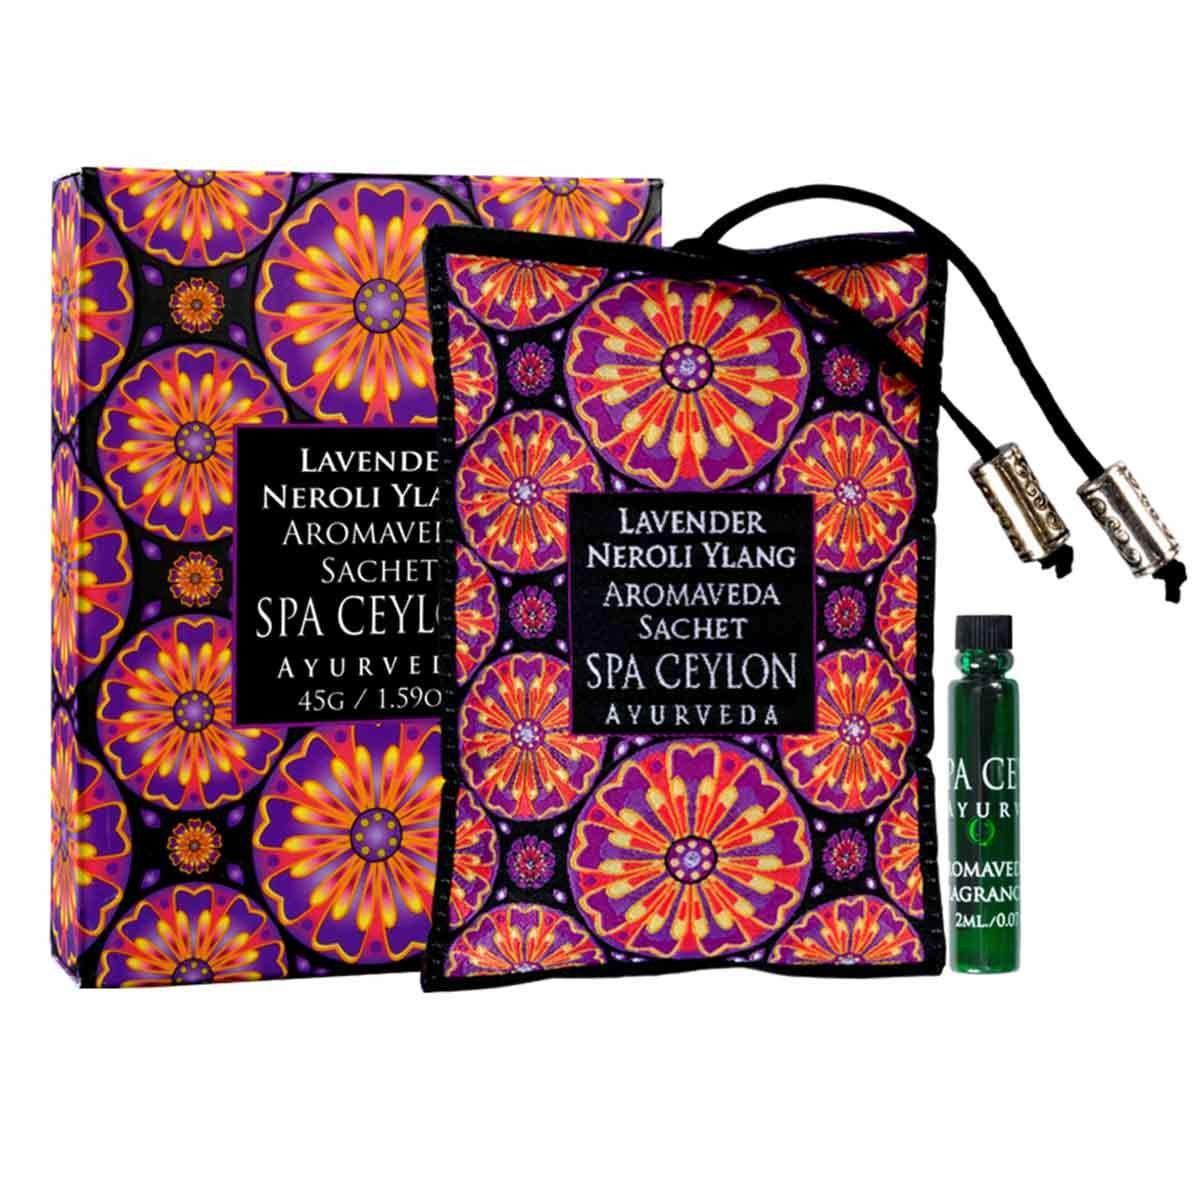 Spa Ceylon Luxury Ayurveda Lavender Neroli Ylang Aromaveda Aroma Sachet, Aromatherapy Blend with Essential Oils, 45 Grams